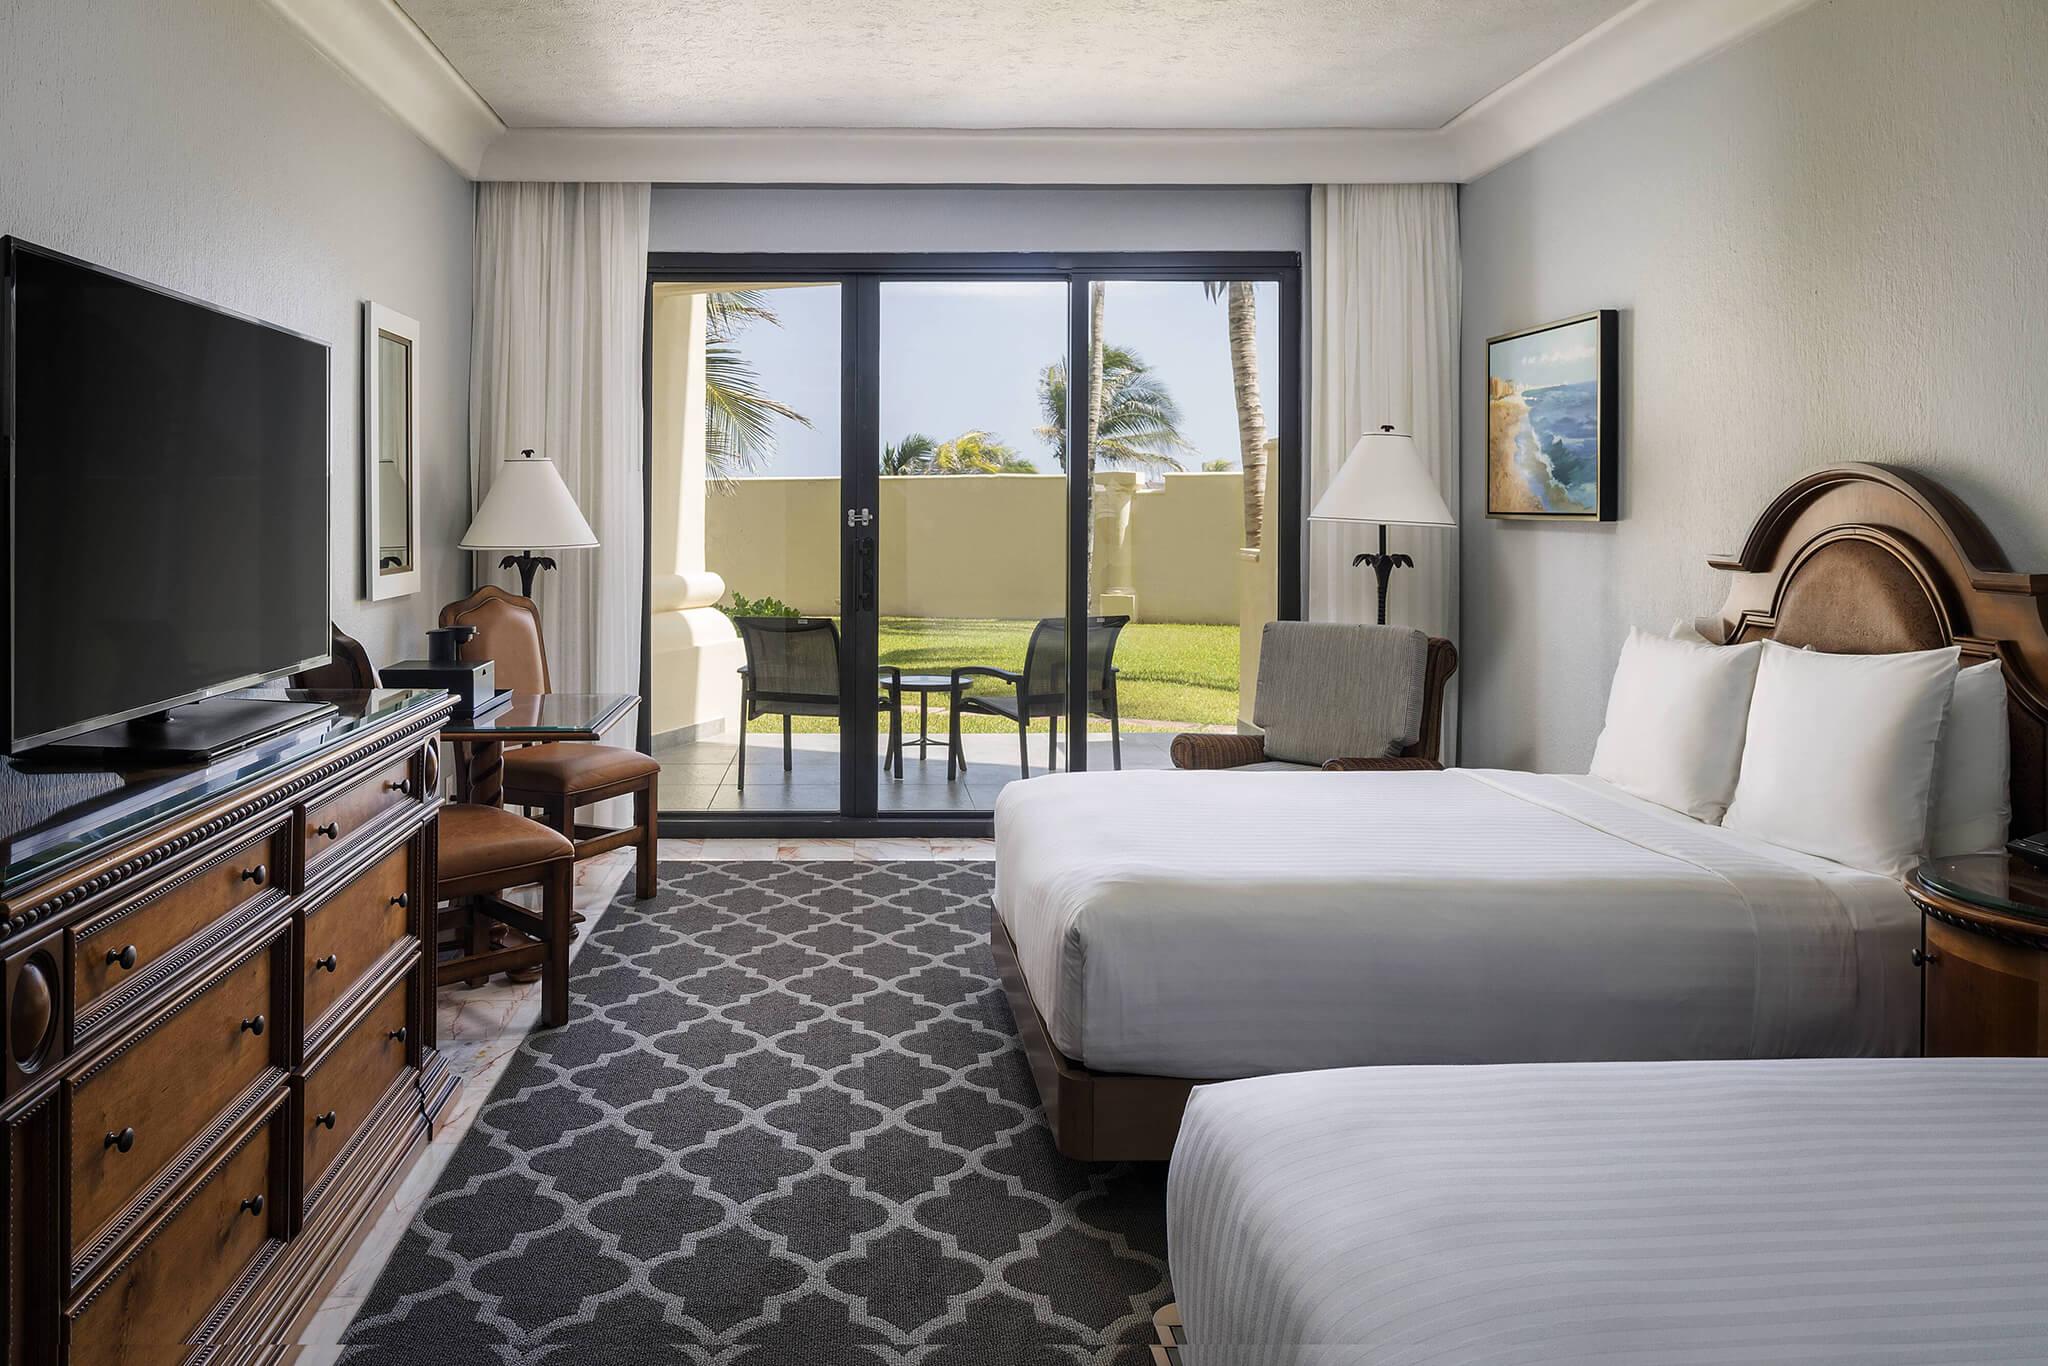 marriott resort view 2 doubles